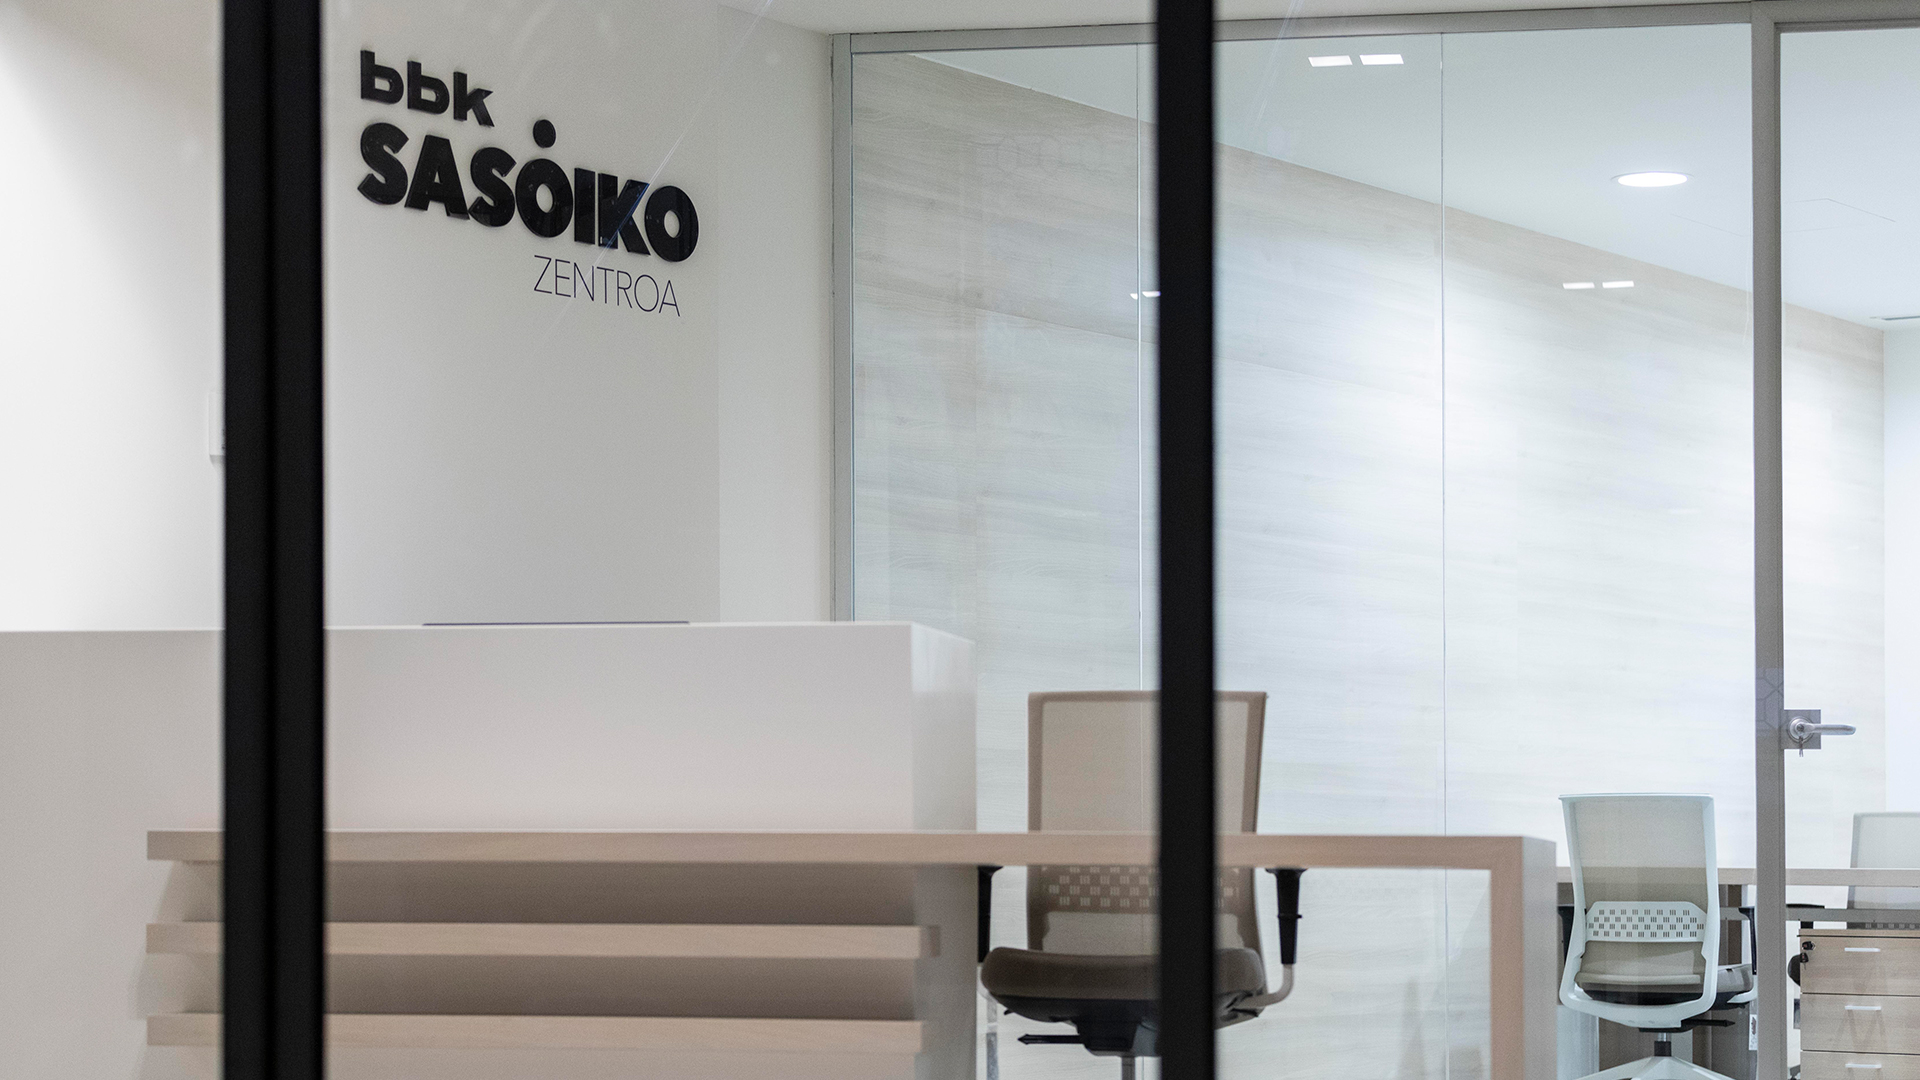 espacio centro bbk sasoiko comunicación corporativa